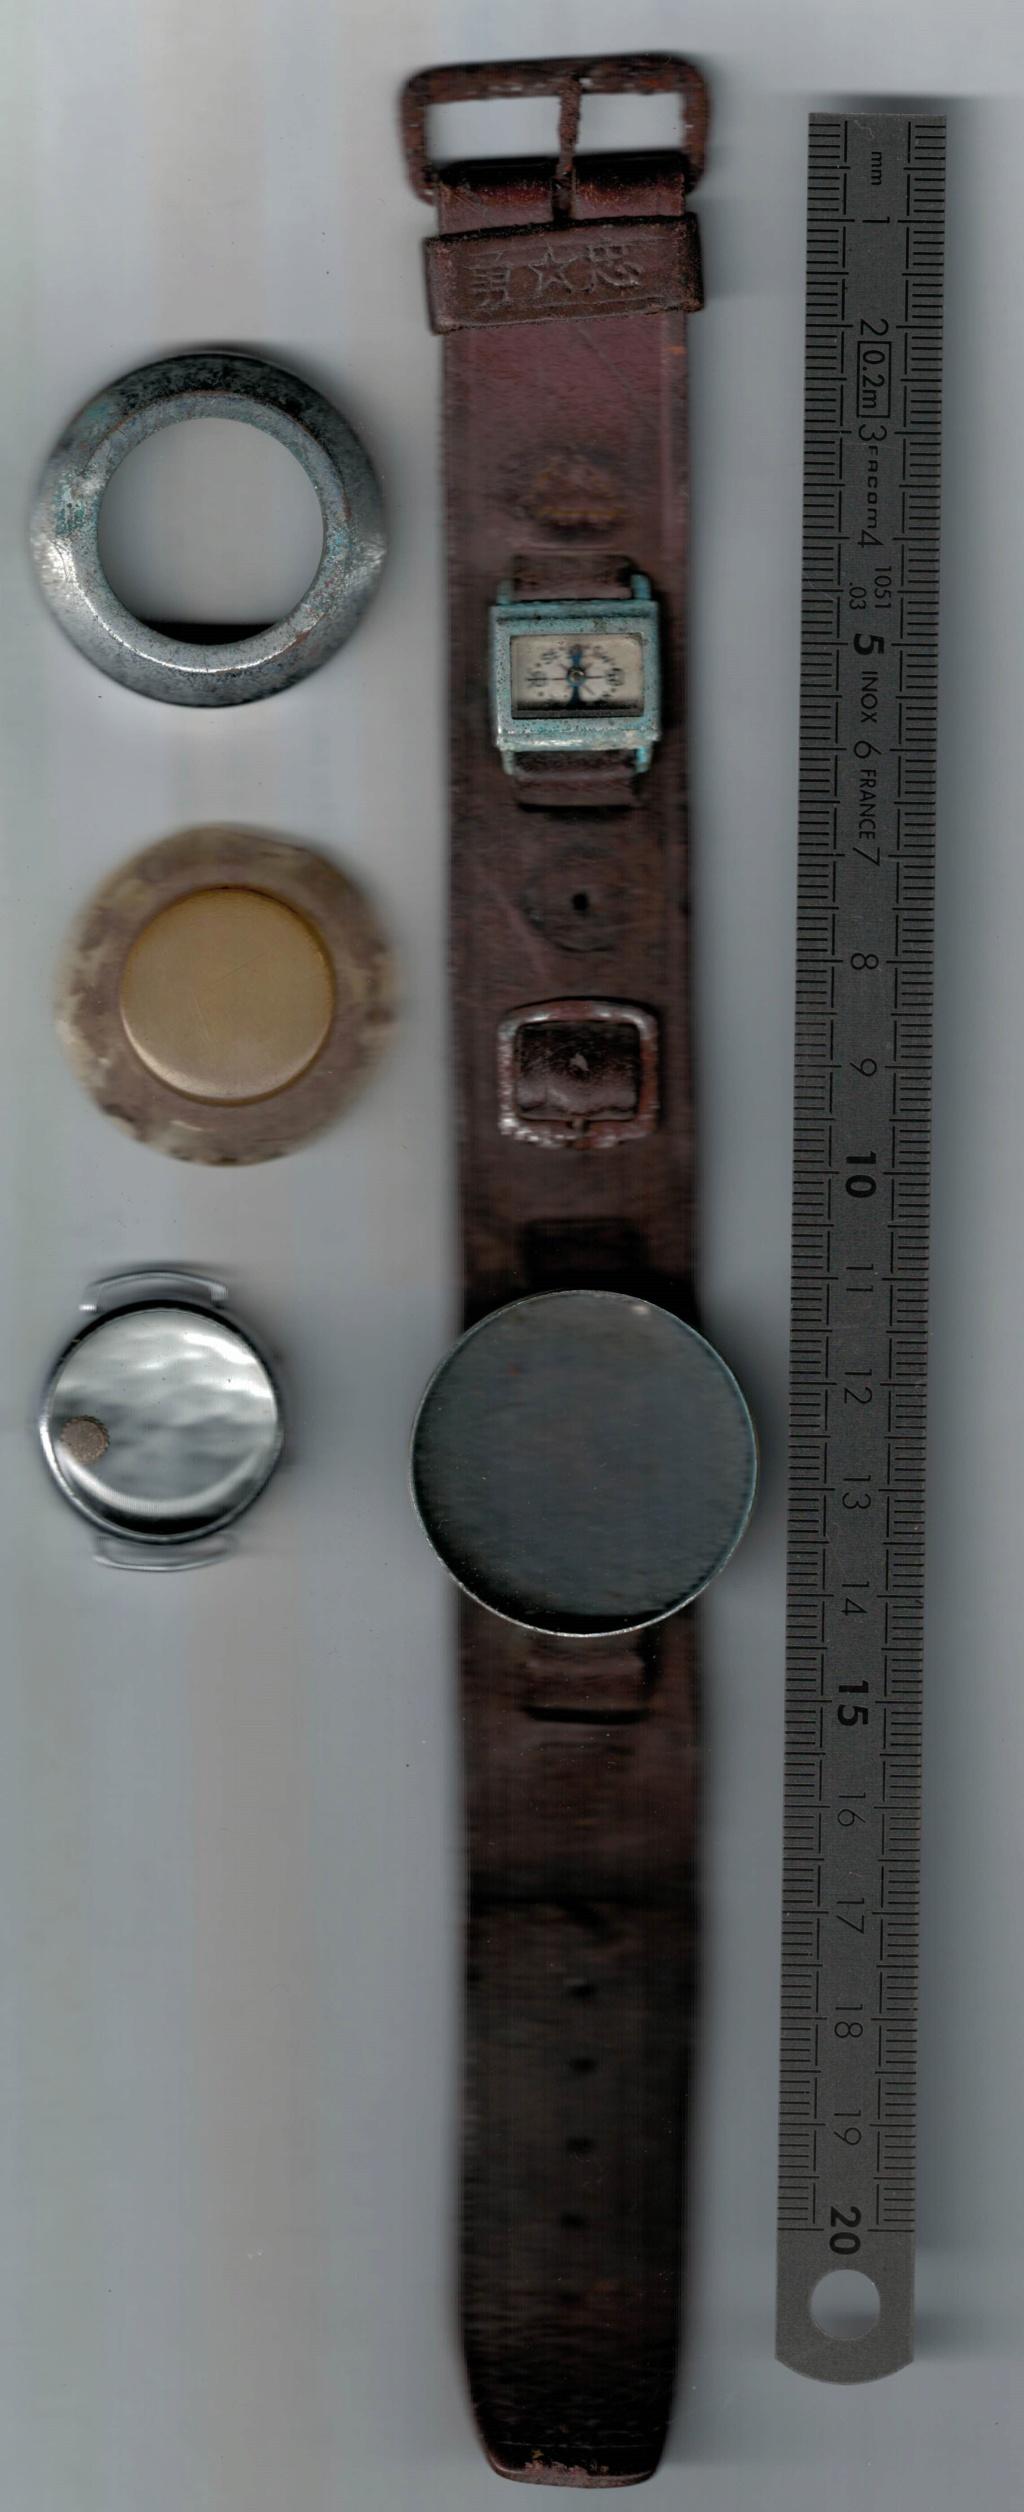 Bracelet cuir avec porte montre avec petite boussole. Montre12